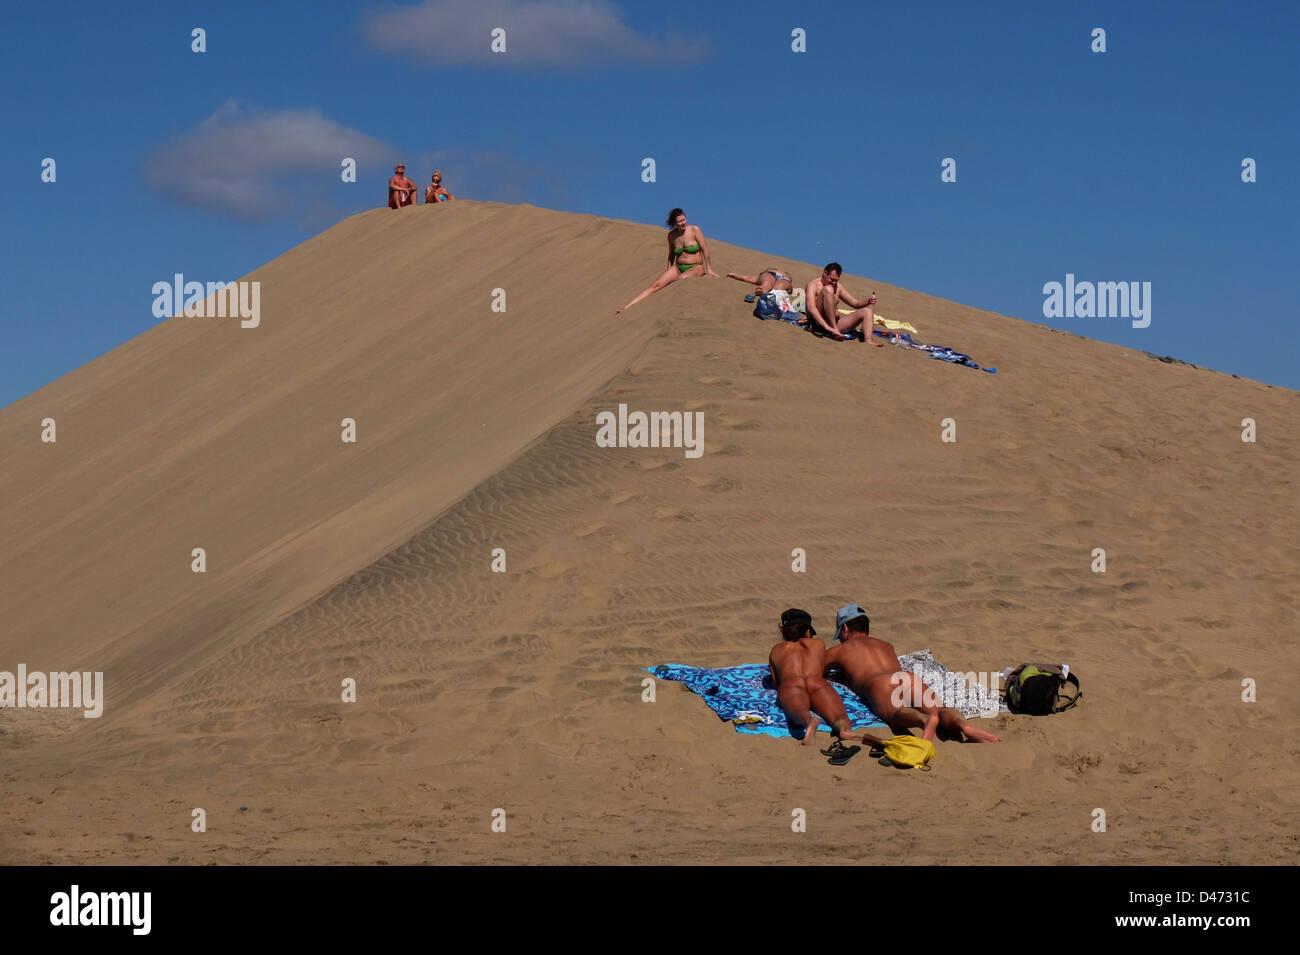 playa de maspalomas canary islands